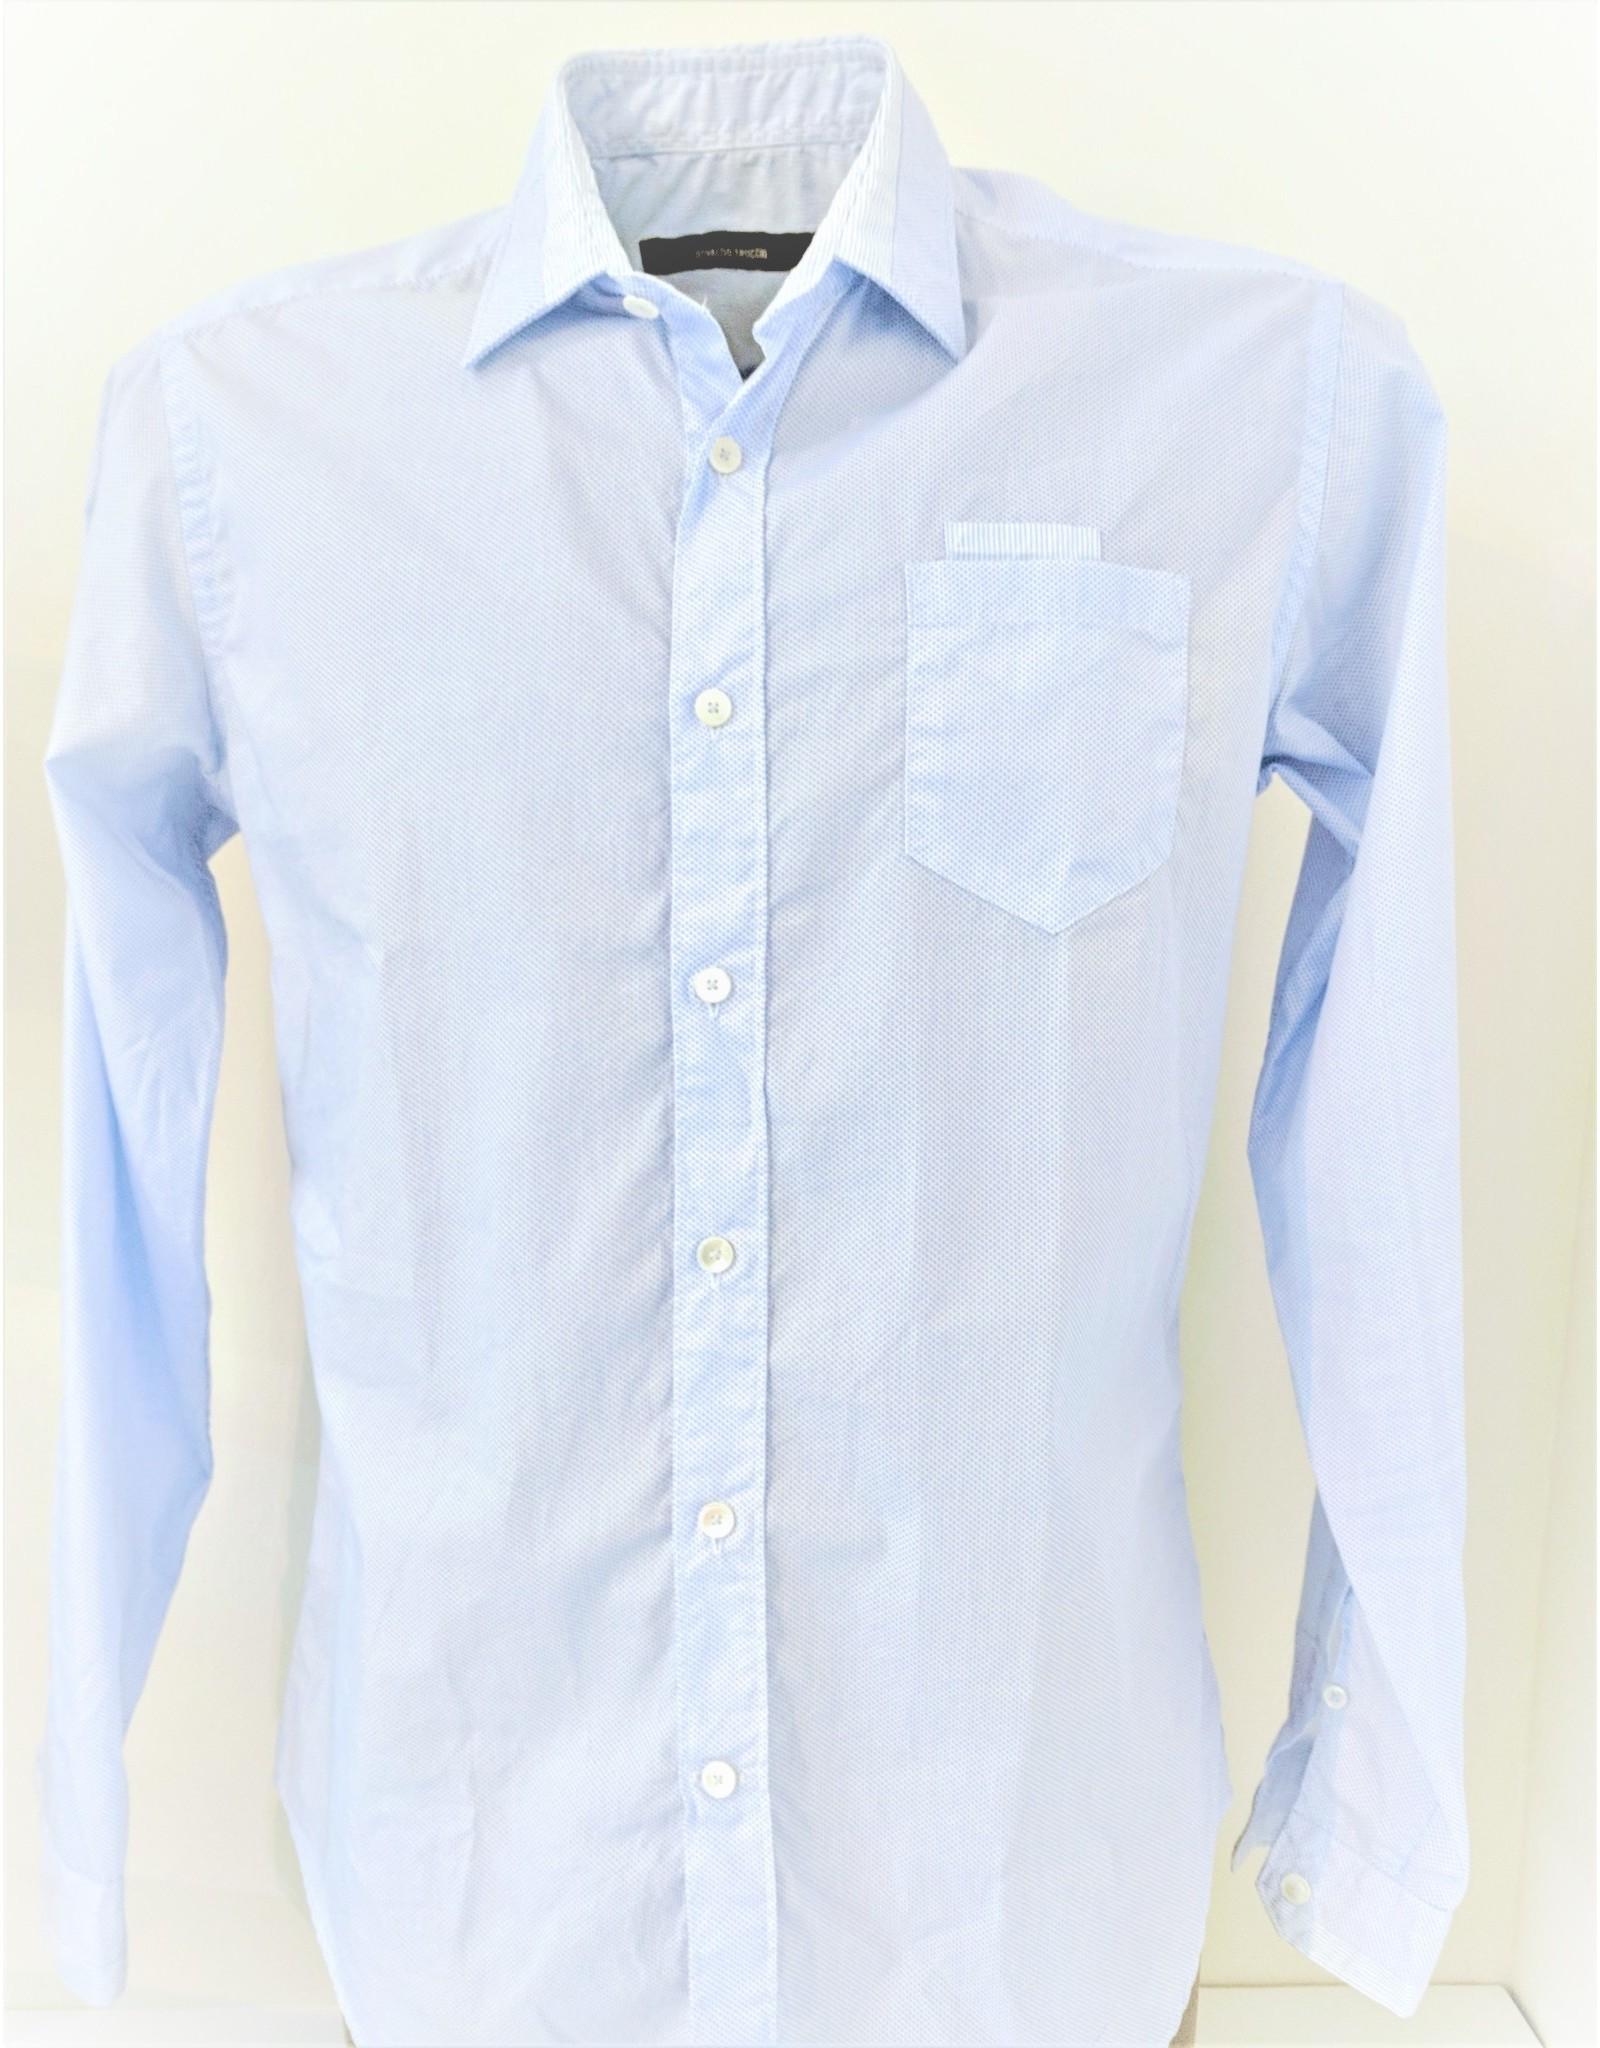 Osvaldo Trucchi Dancer Linen Shirt